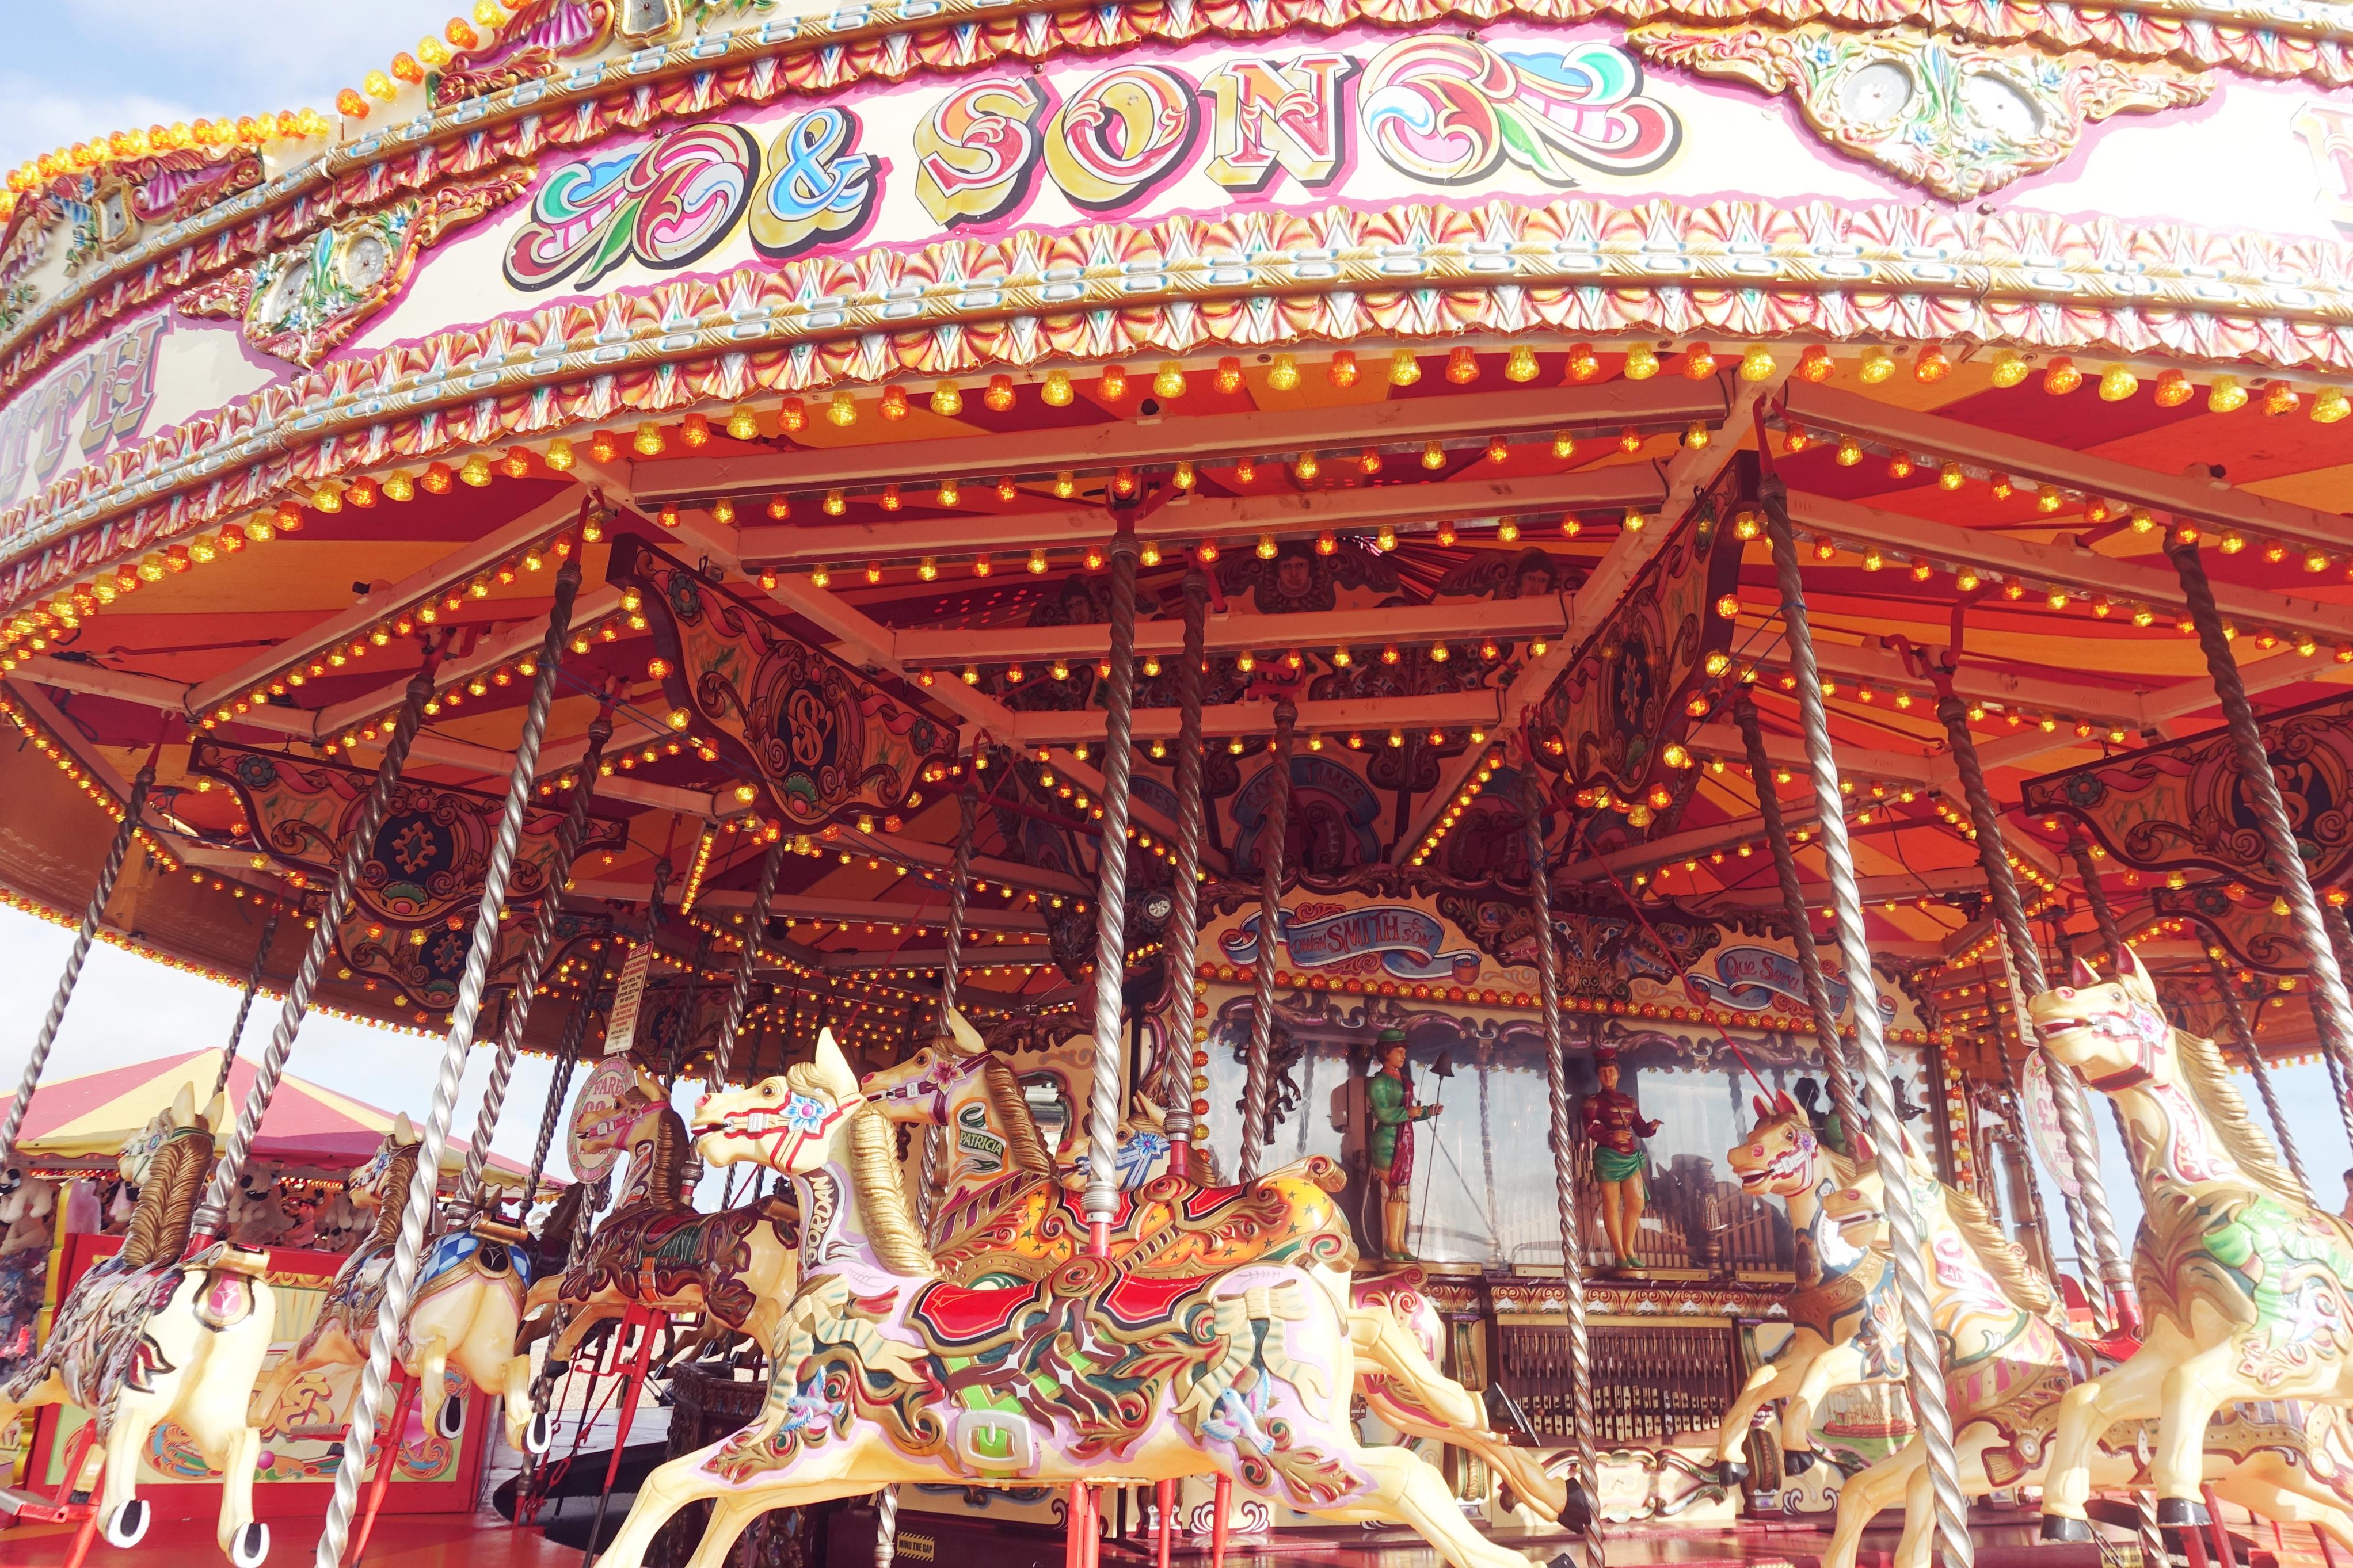 Que-ver-en-Brighton-PeinsaenChic-blog-de-moda-influencer-ChicAdicta-carrousel-fashion-travel-Chic-adicta-Piensa-en-Chic